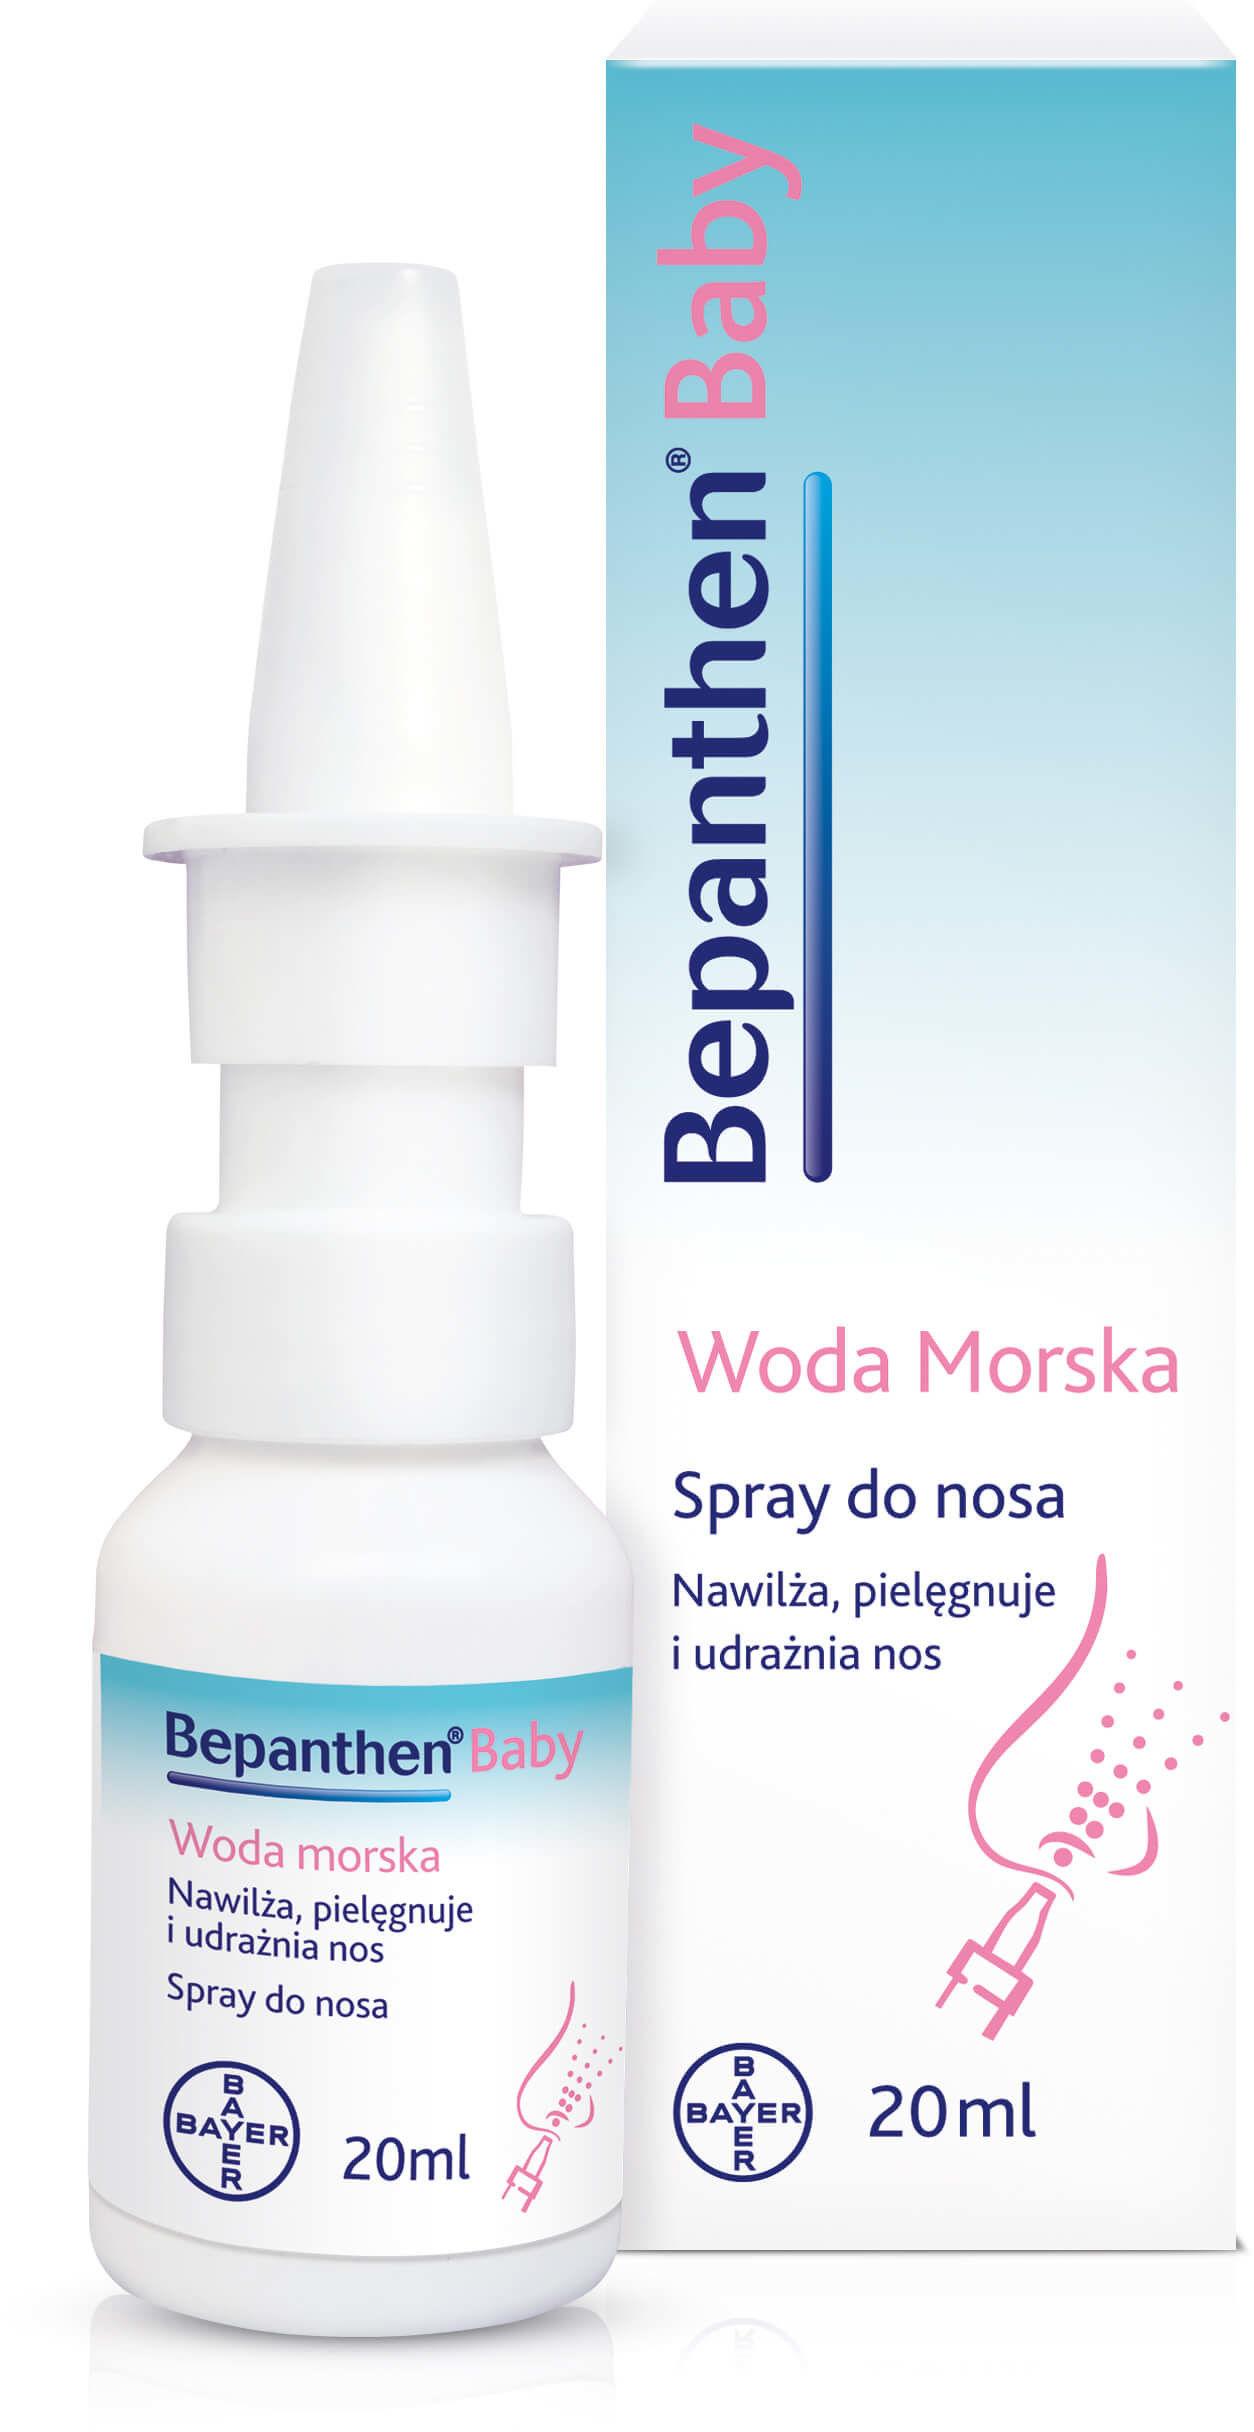 Bepanthen Baby woda morska spray do nosa z d-panthenolem 20 ml